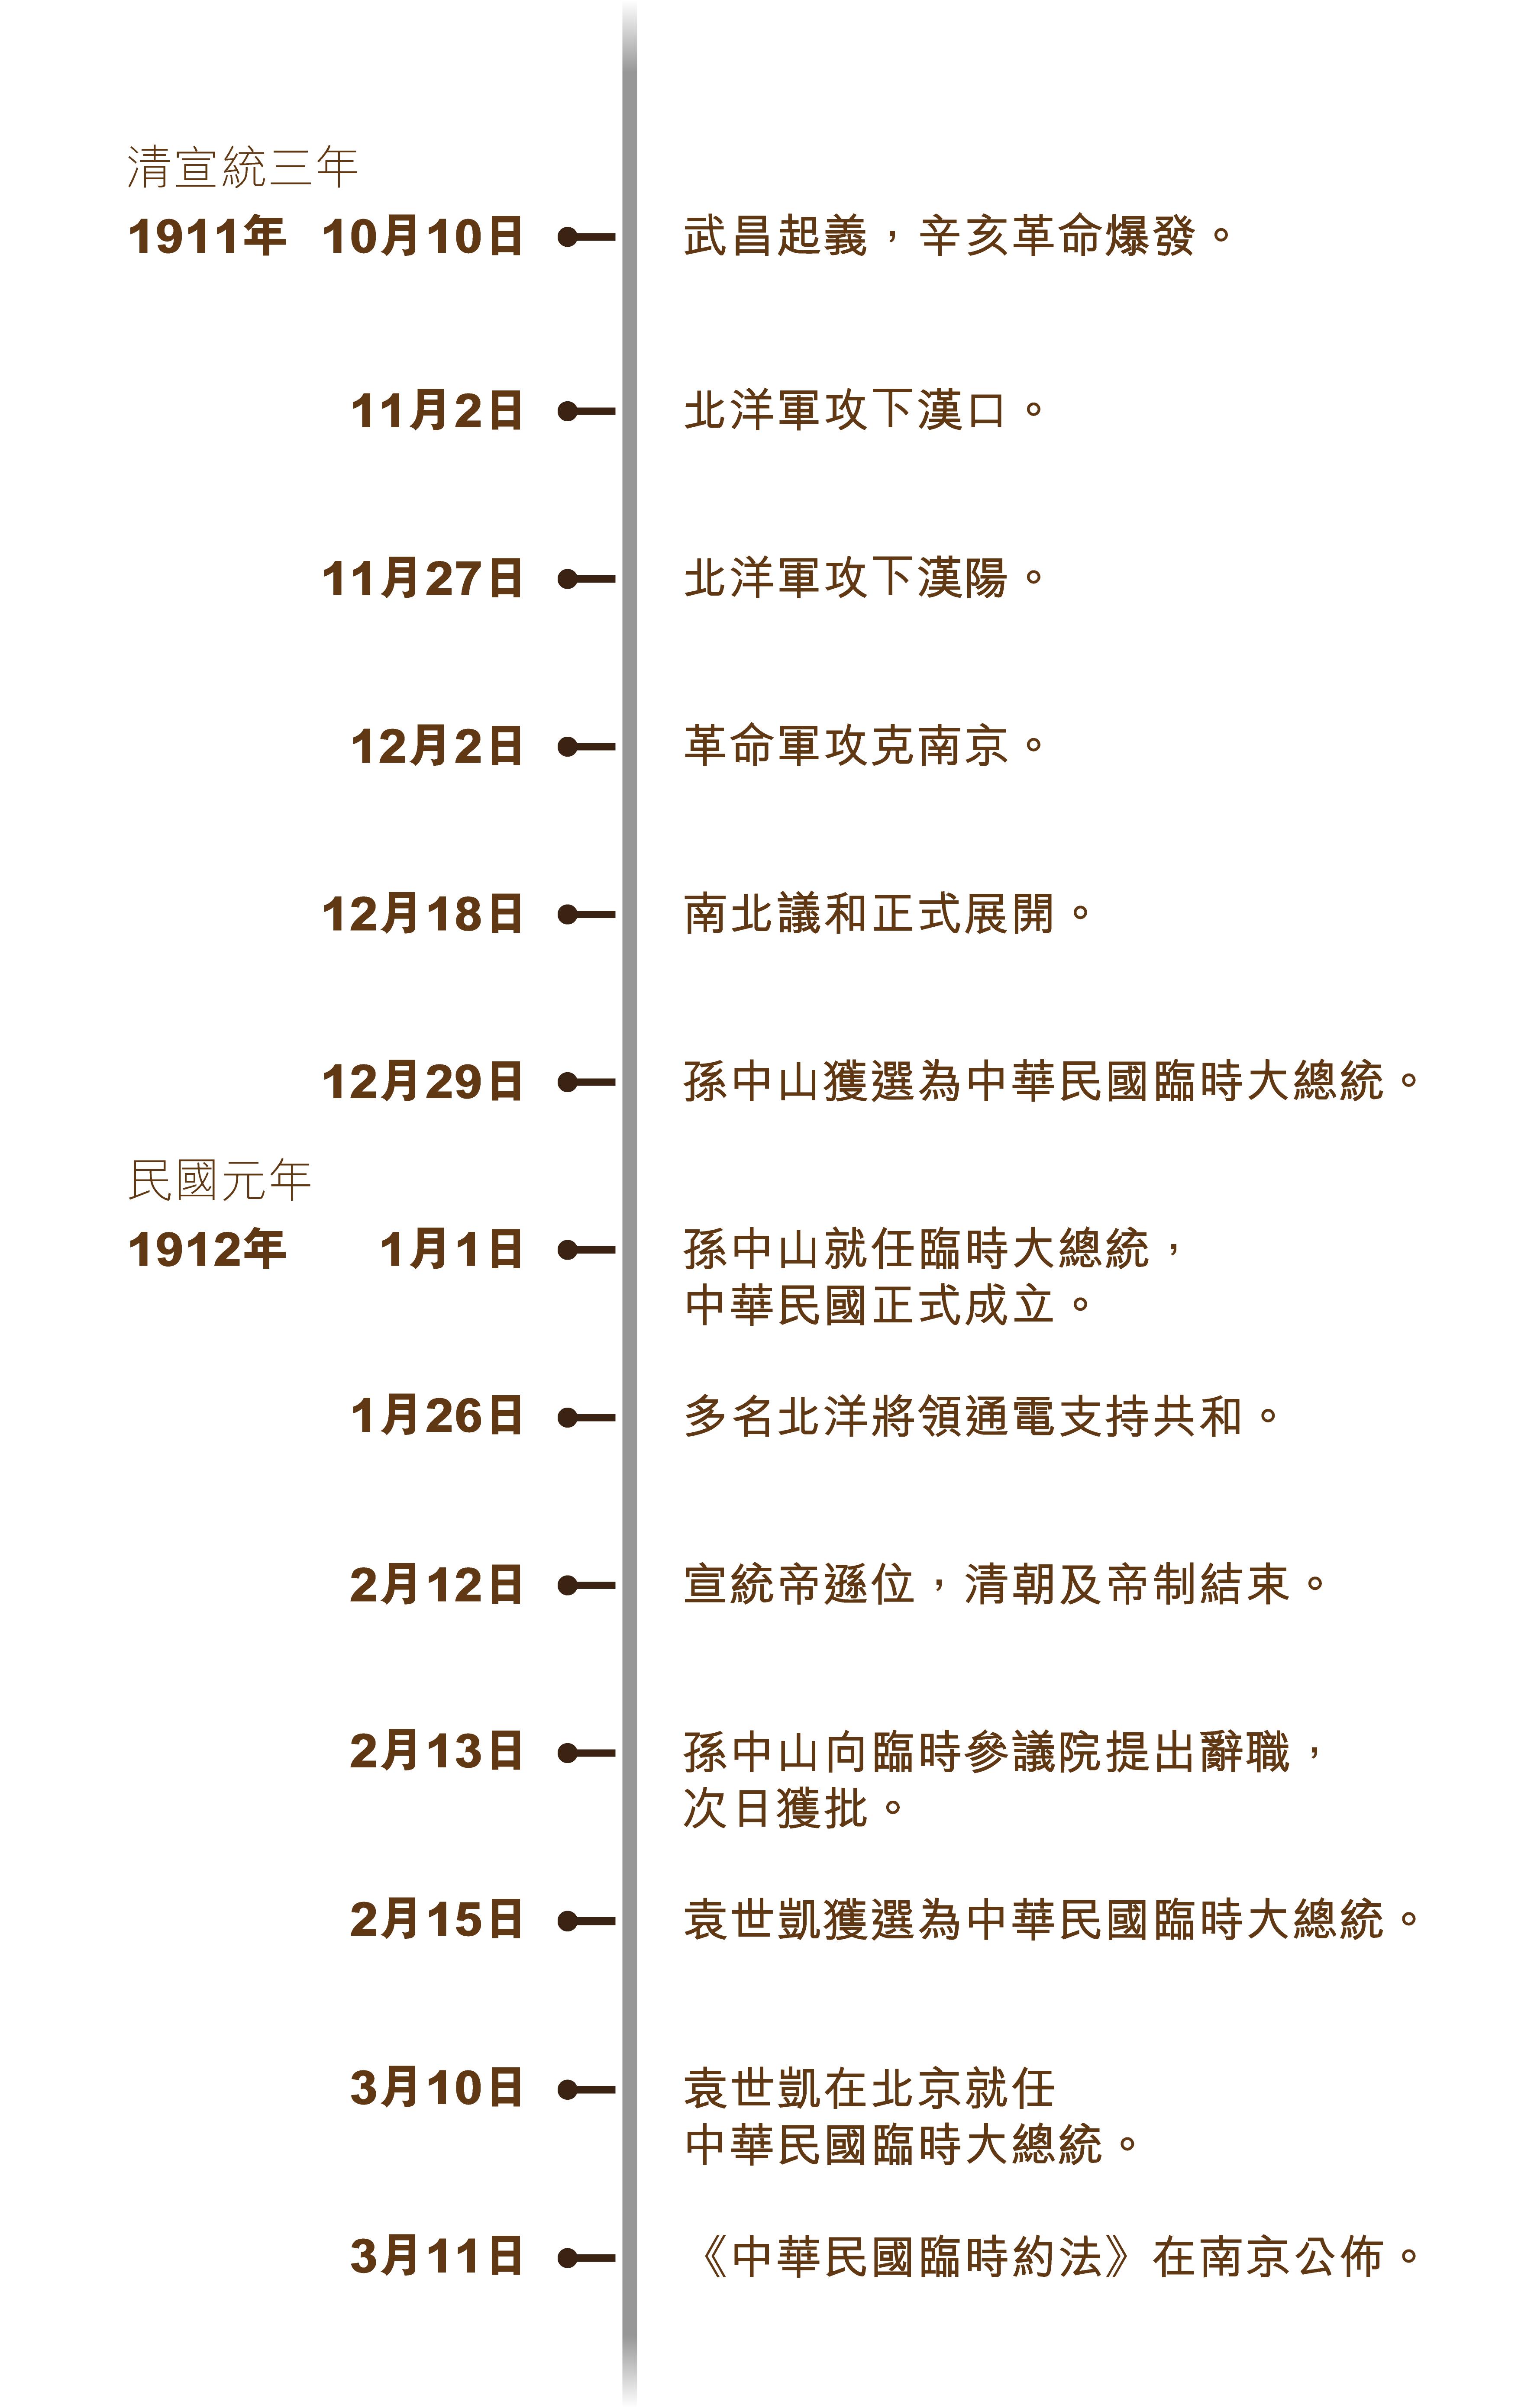 minguo_timeline_750x715_v2-01